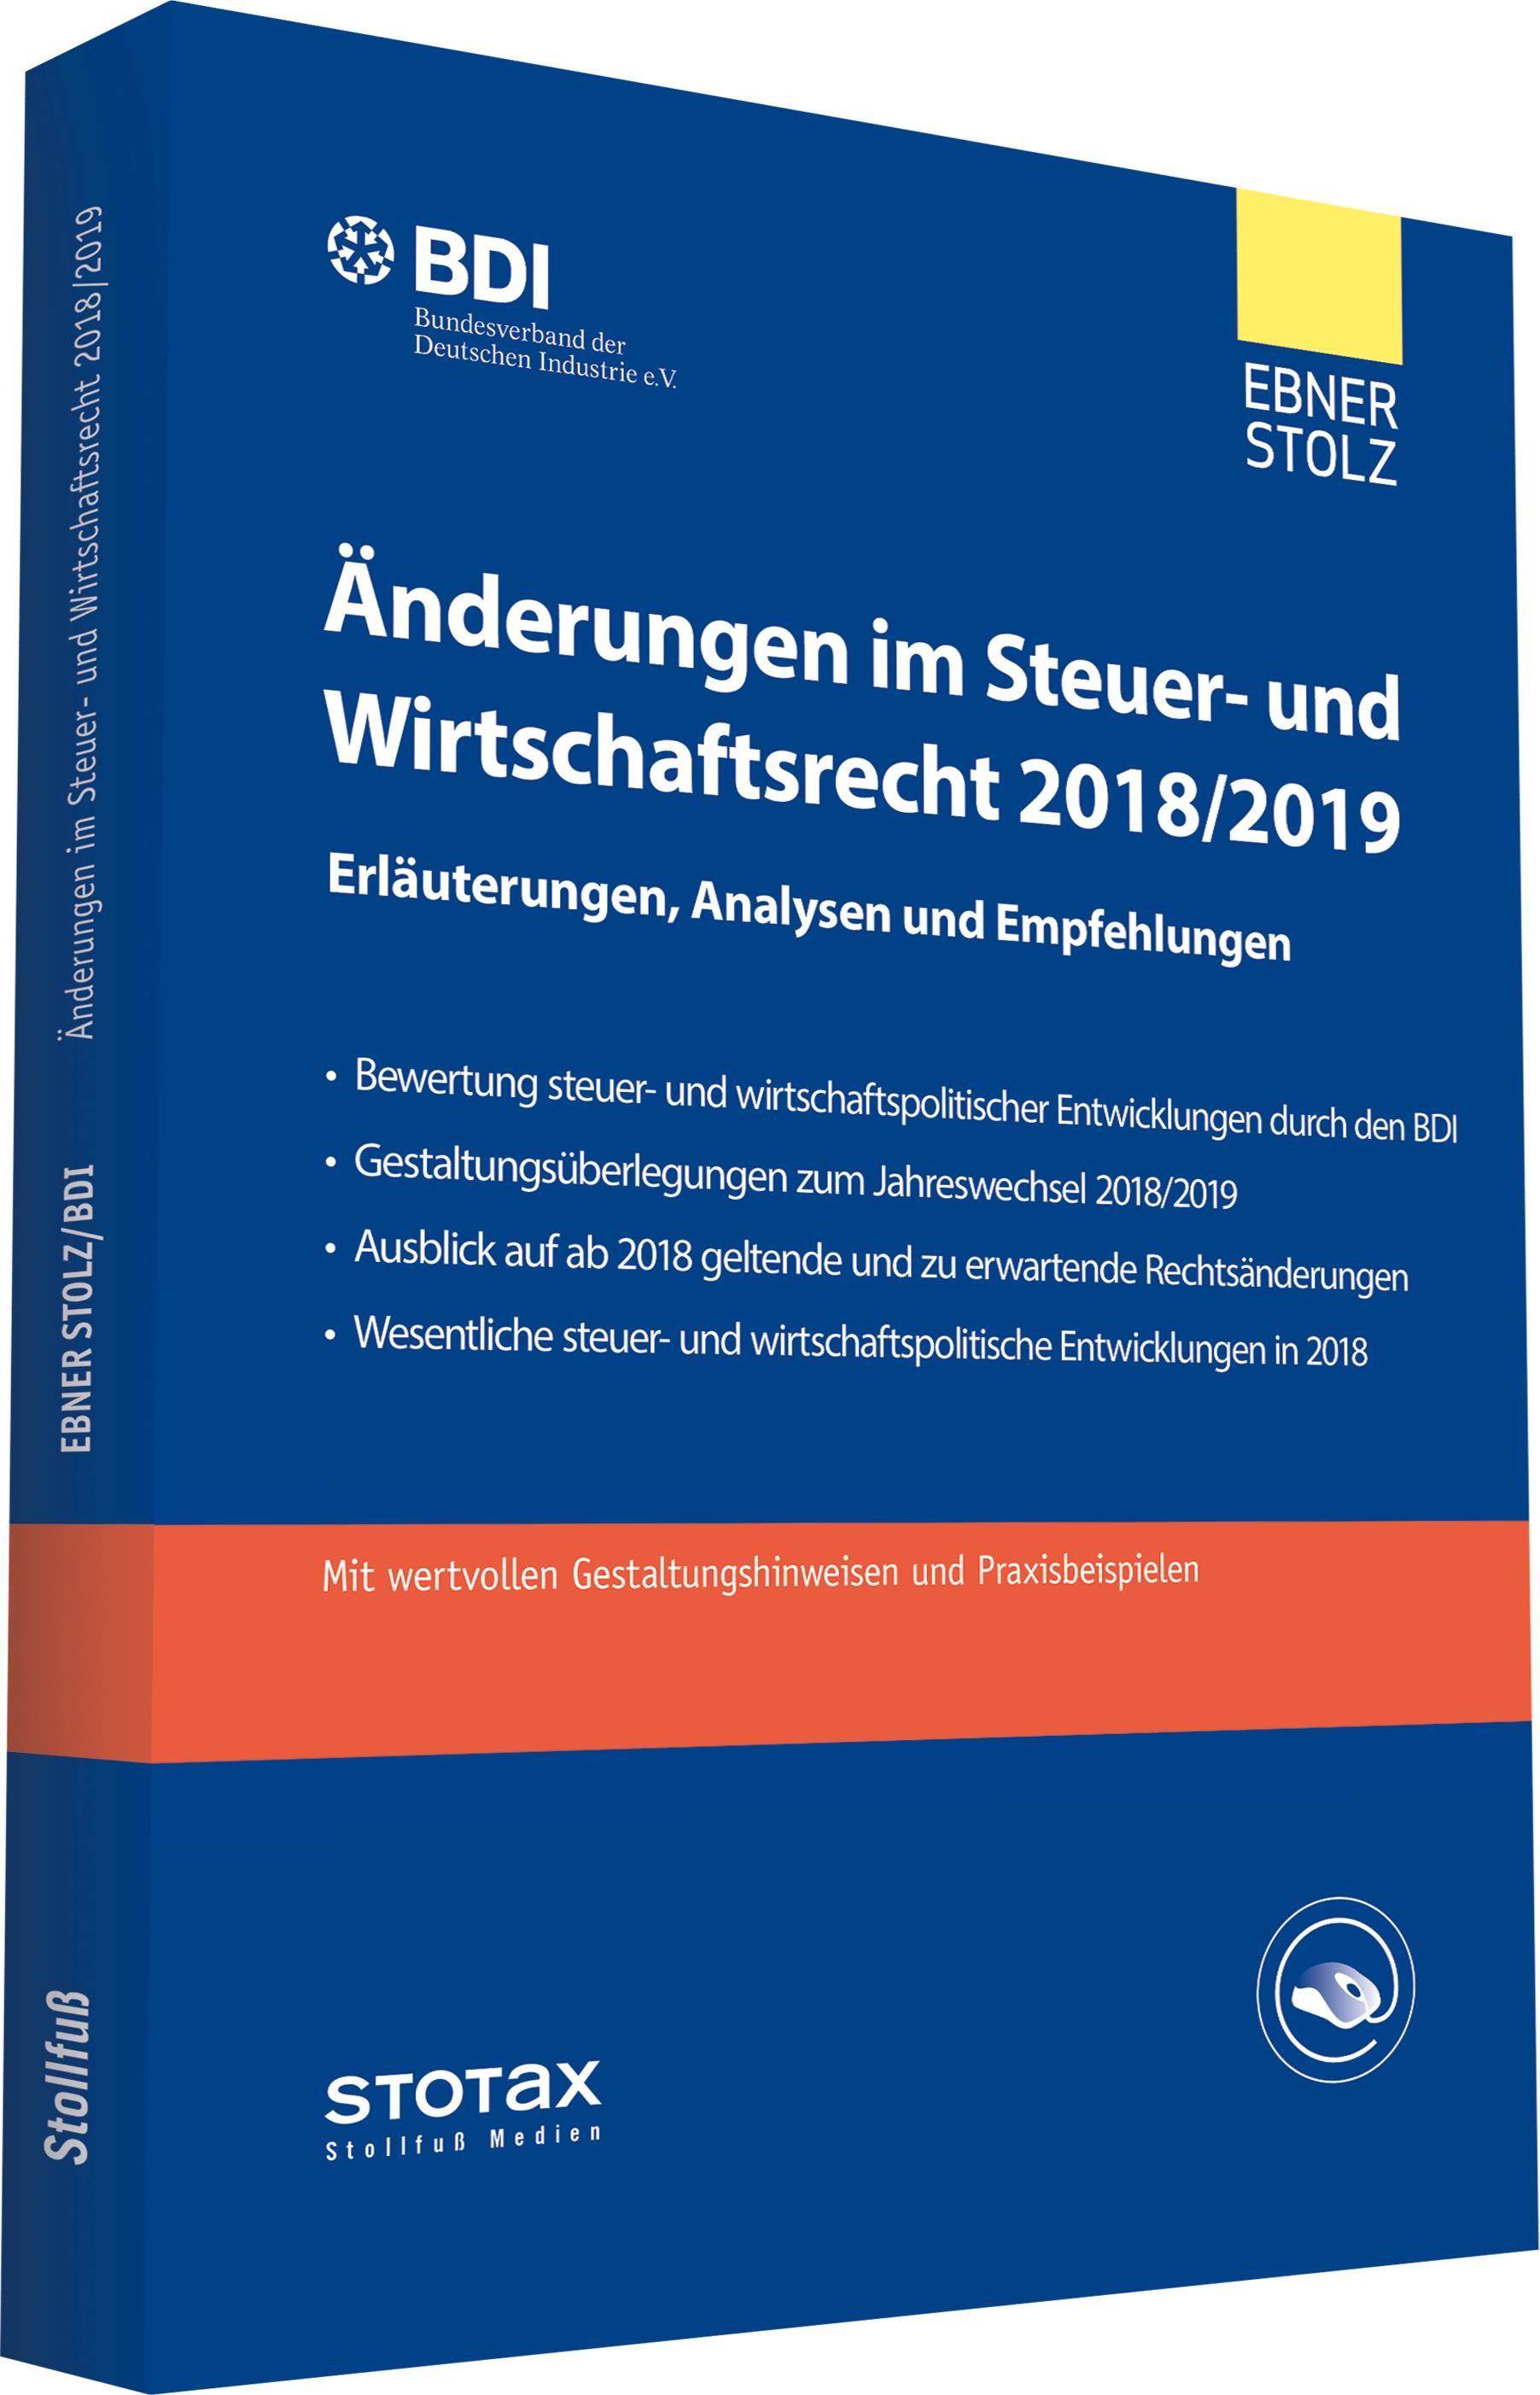 Änderungen im Steuer- und Wirtschaftsrecht 2018/2019   Ebner Stolz   6. Auflage, 2018   Buch (Cover)